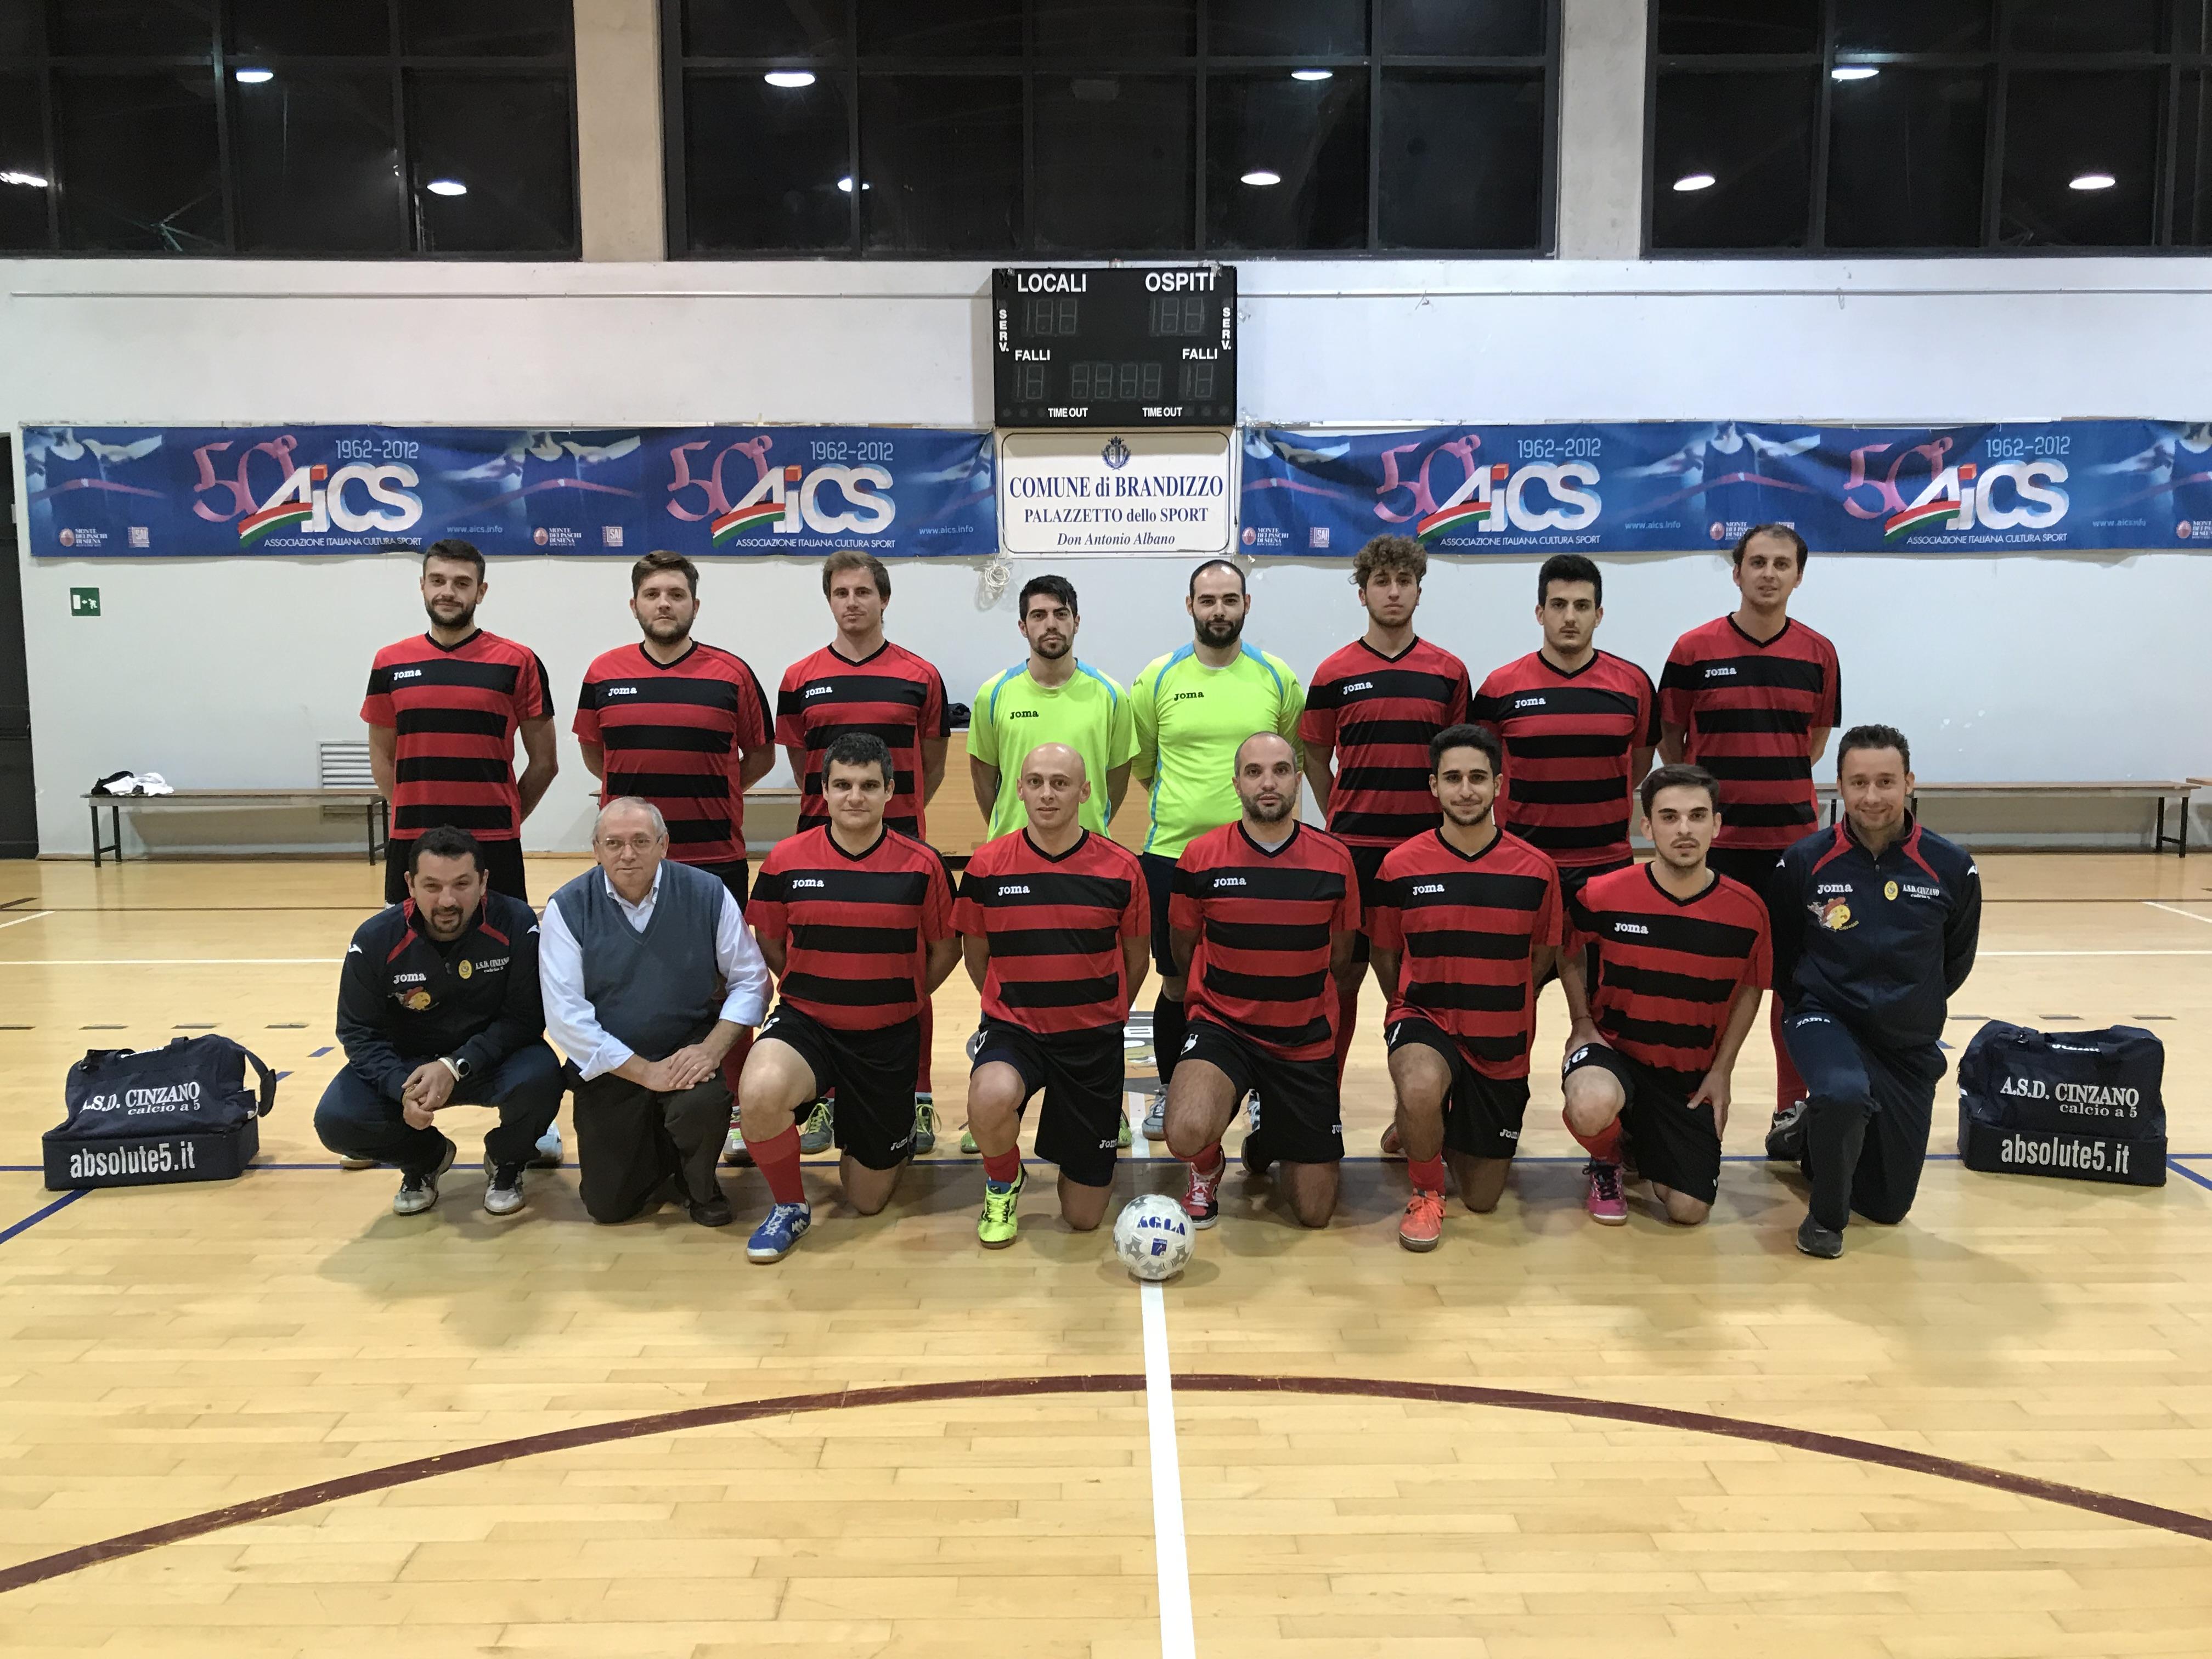 Campionato calcio a 5 F.I.G.C. serie C2, stagione 2017/2018